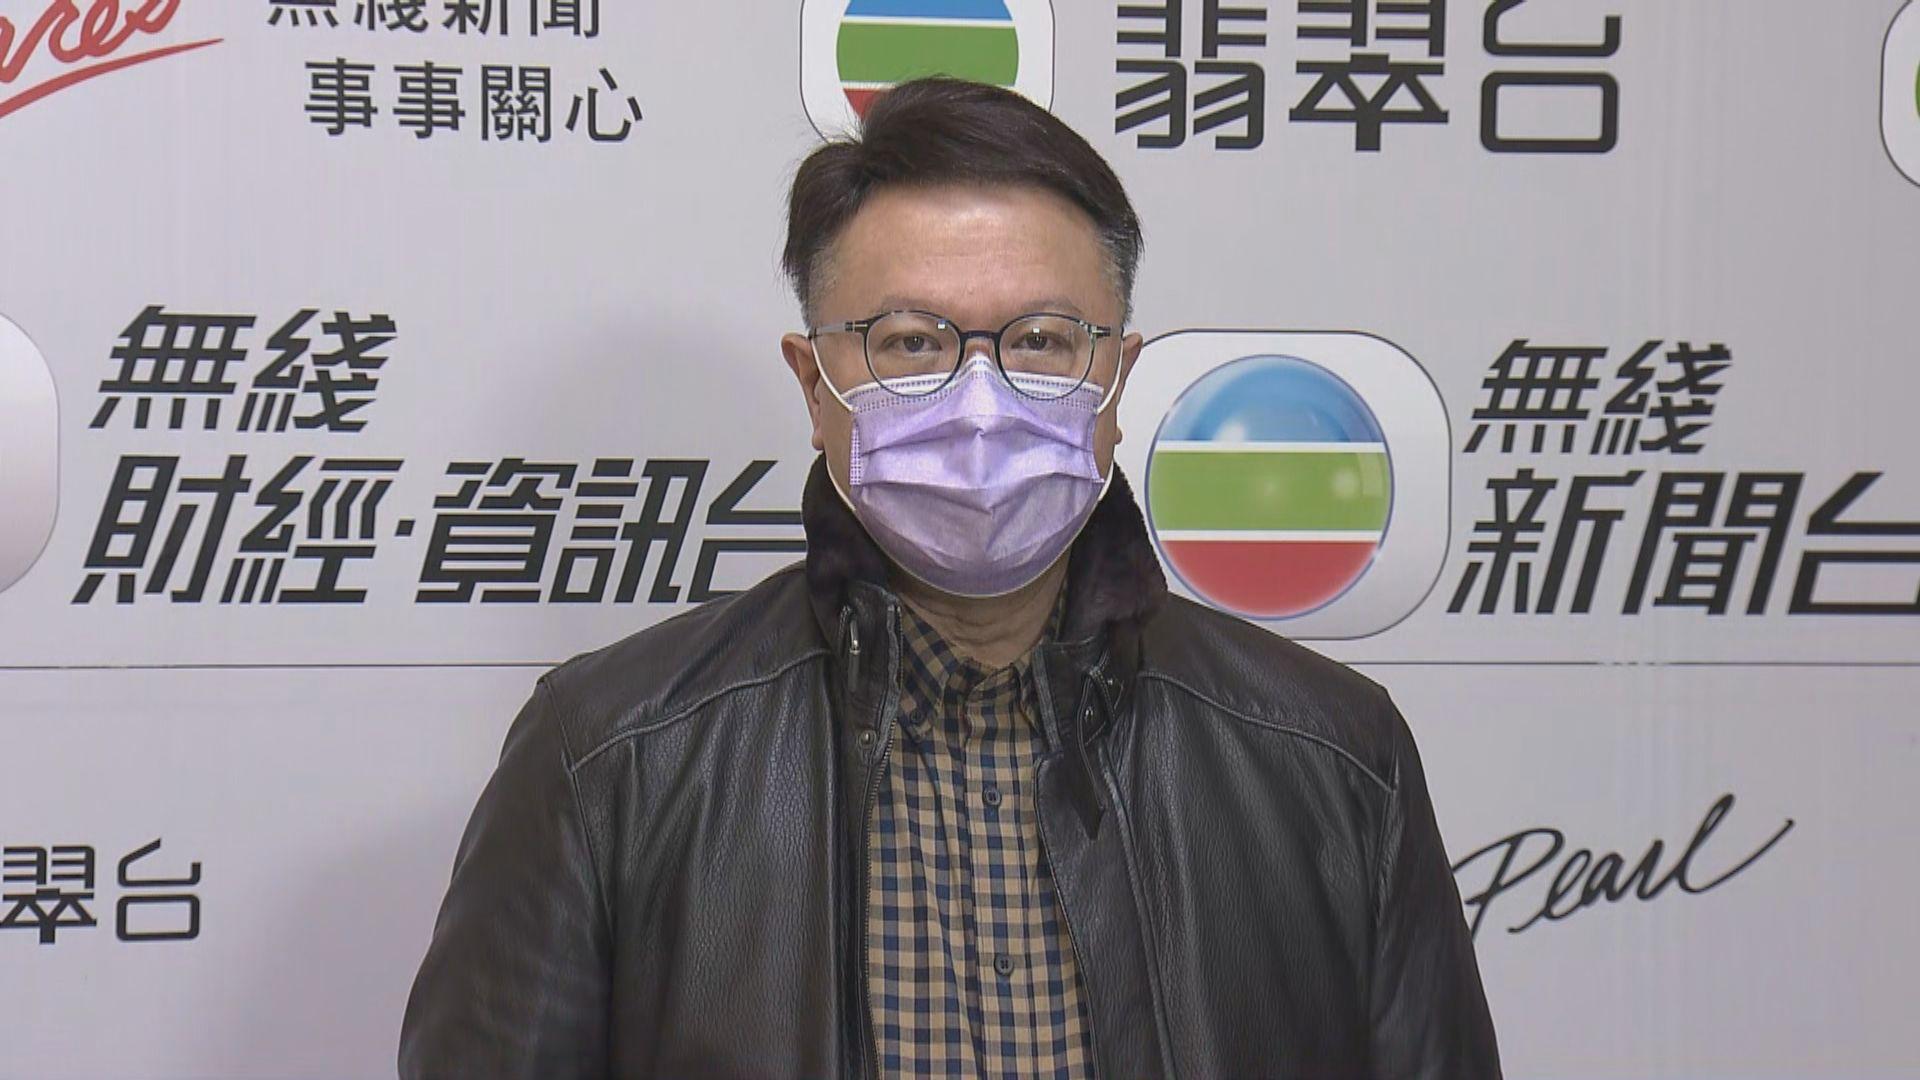 許樹昌:全民檢測目前仍不可行 除非政府推居家令